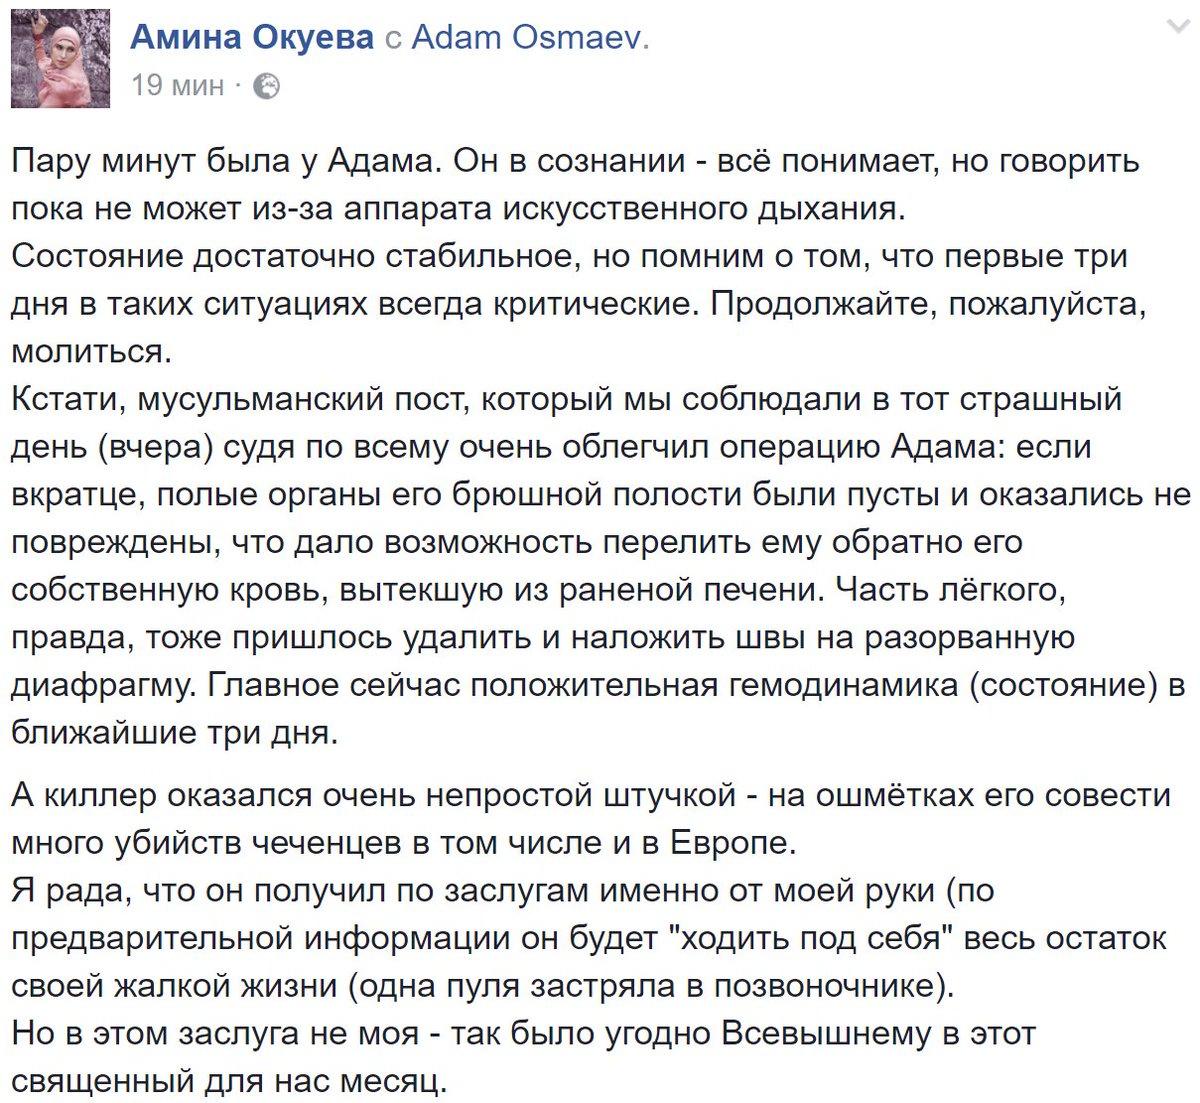 Осмаева и покушавшегося на него киллера будут еще оперировать, - врач - Цензор.НЕТ 1399